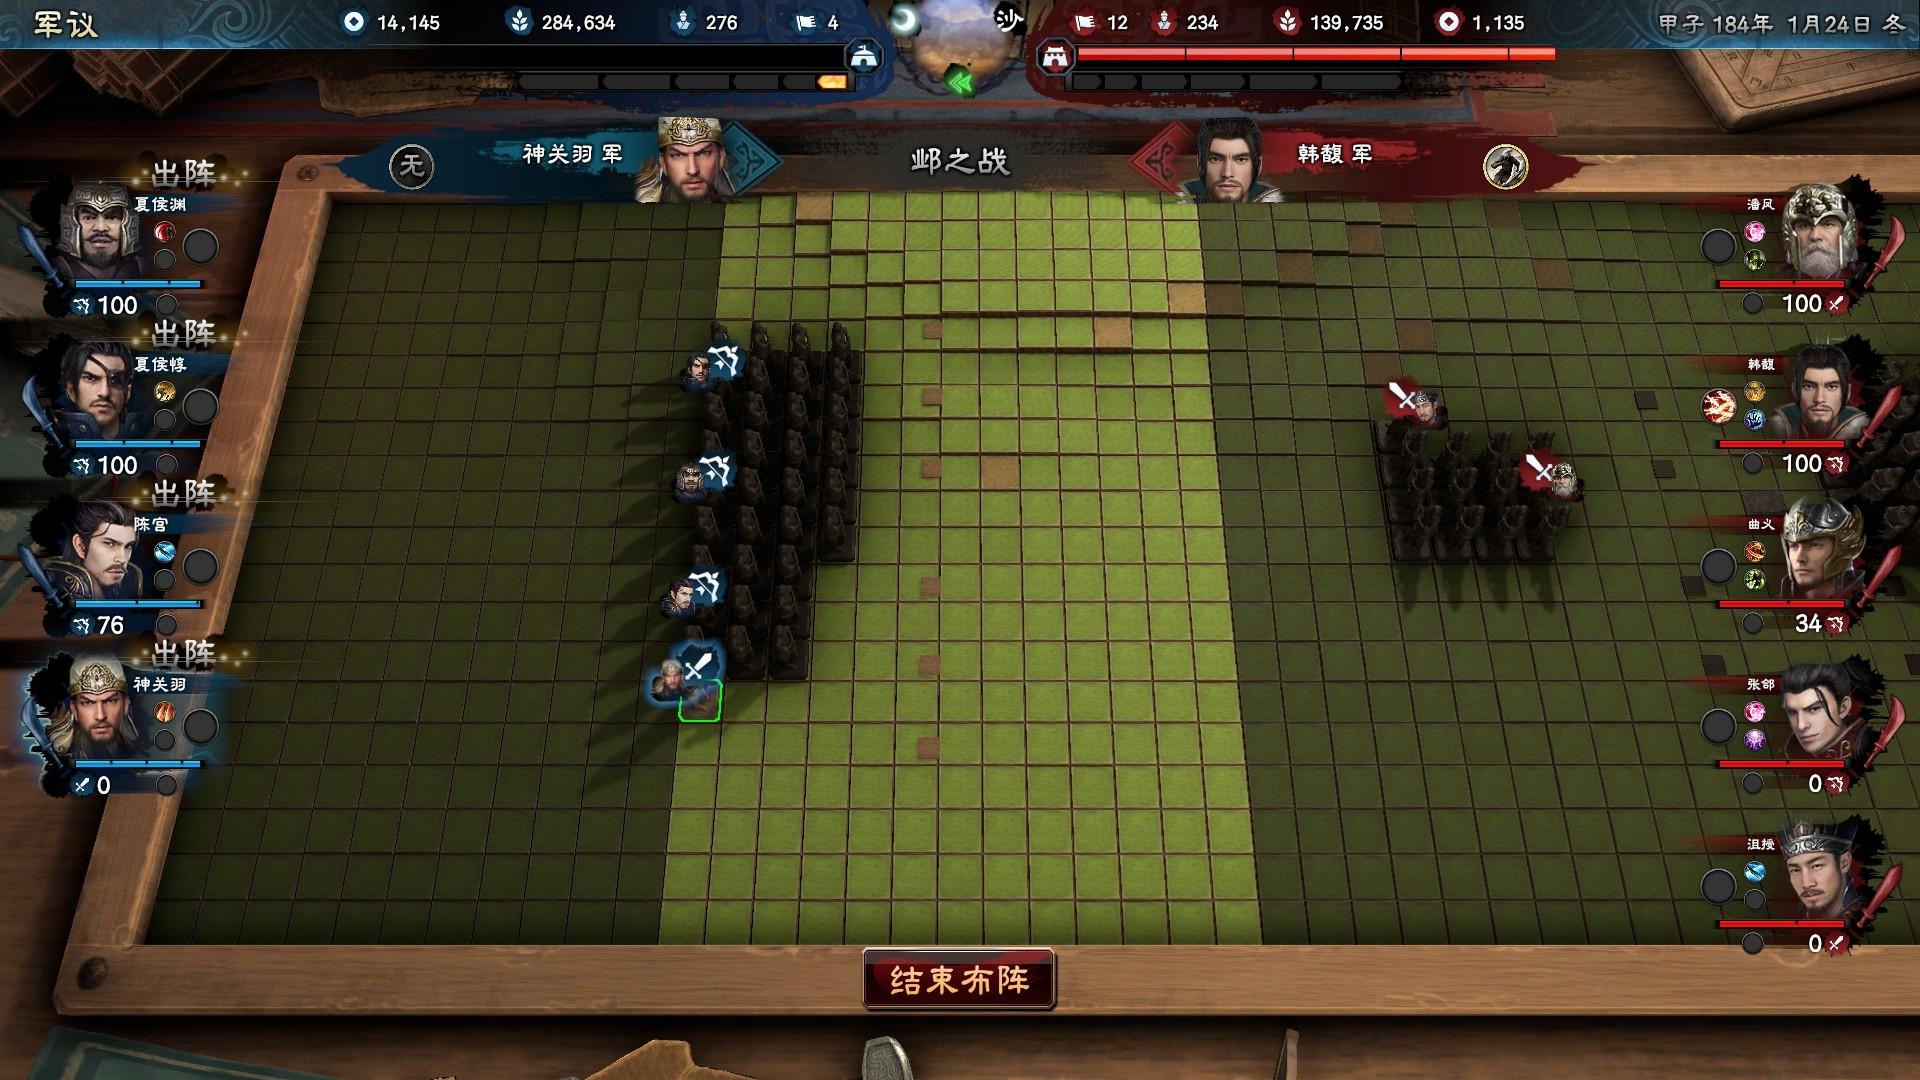 三國群英傳8 - 神關羽 screenshot